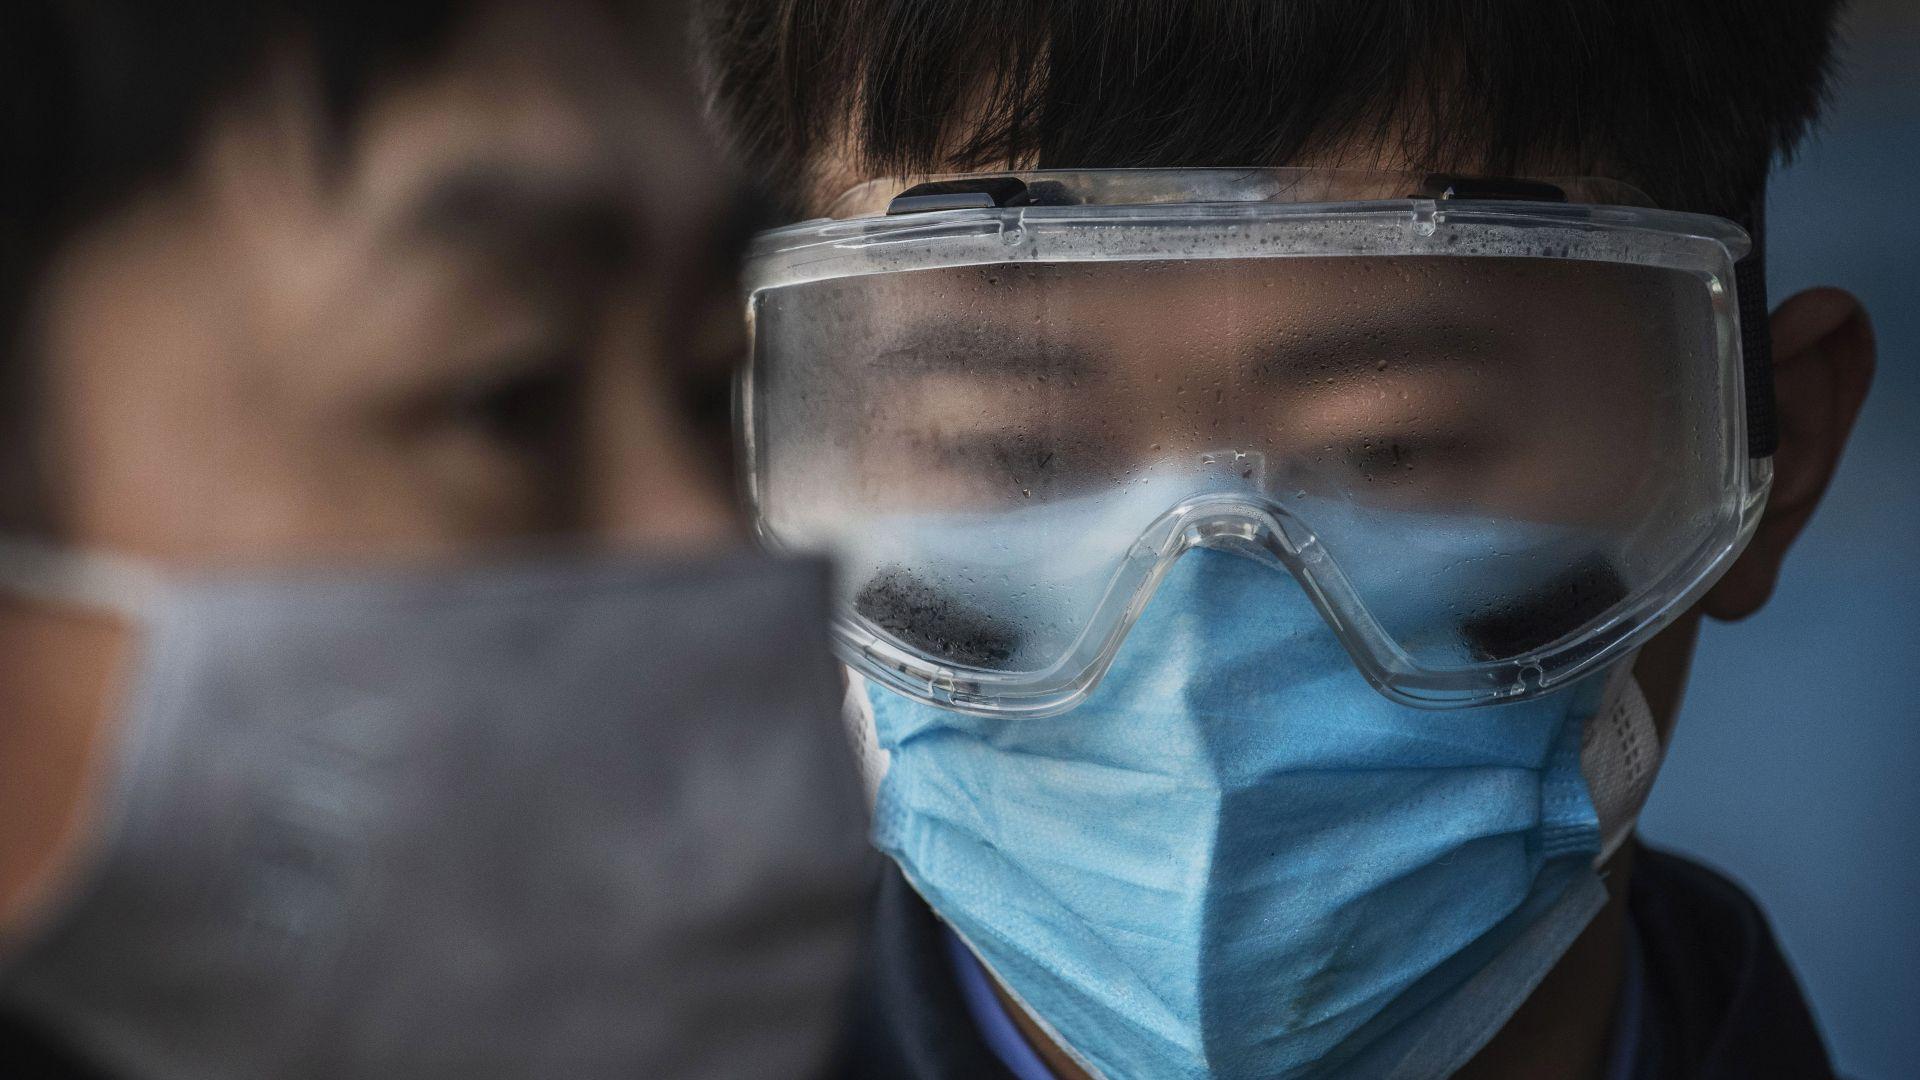 कोरोना अध्ययन : लक्षण बिनाका संक्रमितबाट महामारी फैलने बढी खतरा